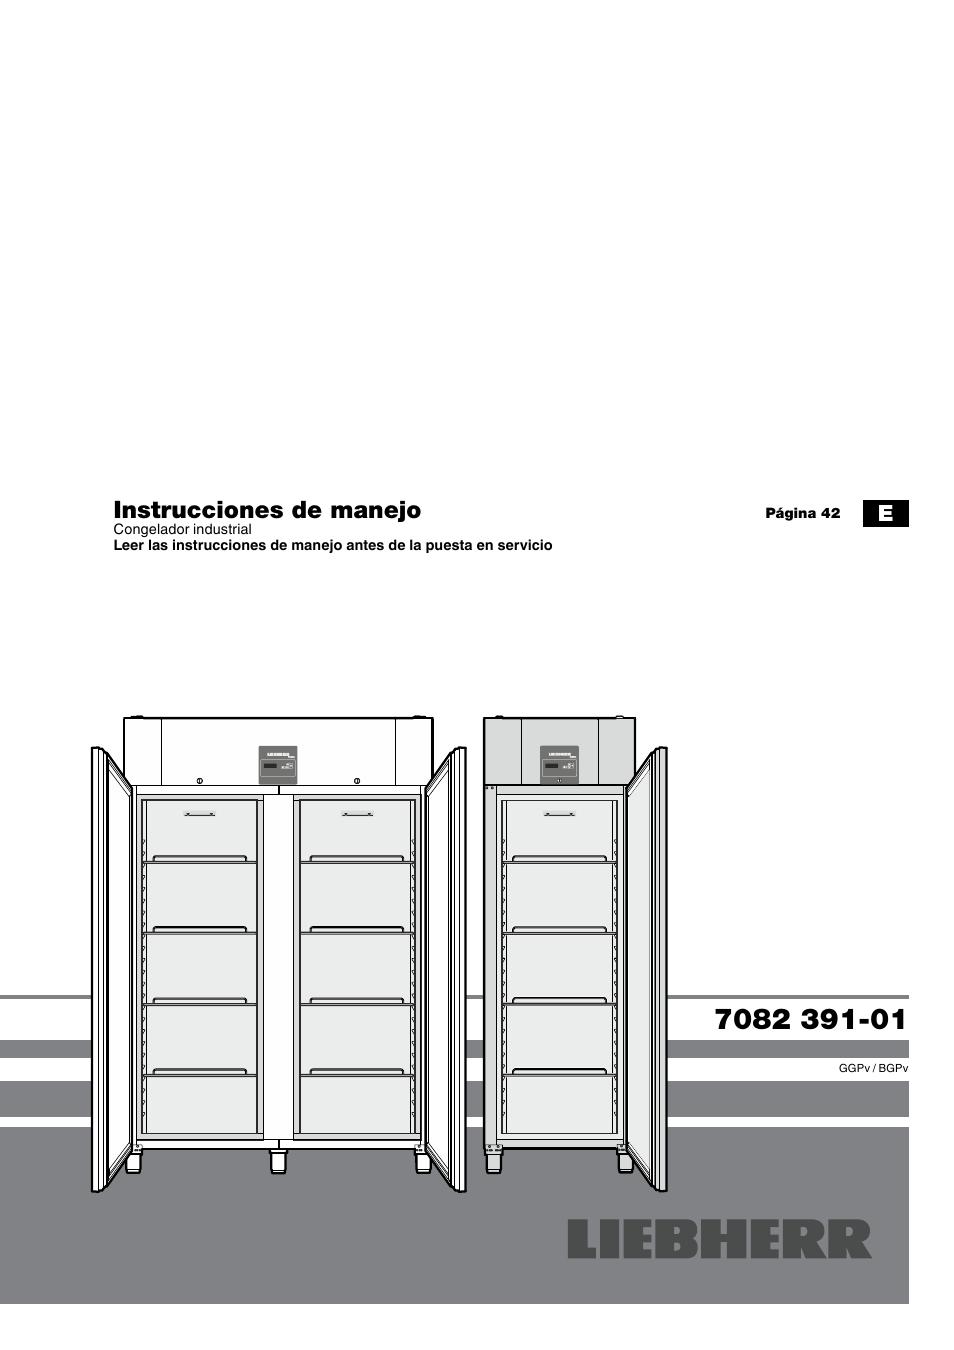 Liebherr GGPv 1470 ProfiLine Manual del usuario | Páginas: 9 | También  para: GGPv 6570 ProfiLine